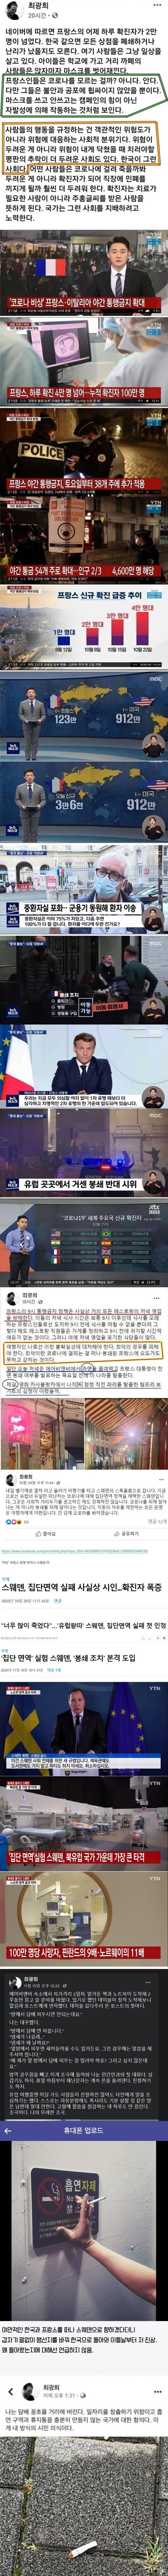 한국 방역이 싫다고 유럽으로 떠났던 영화 평론가 근황 | 인스티즈